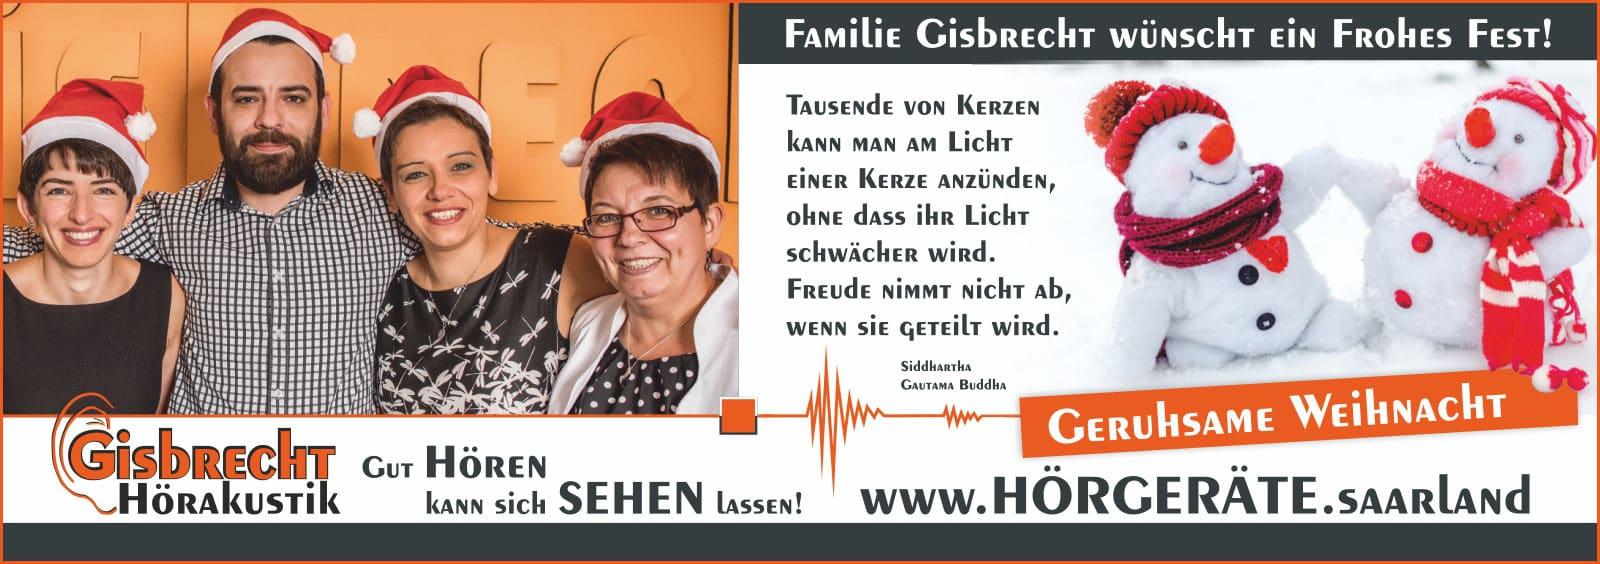 Gisbrecht Hörakustik wünscht Frohe Weihnachten